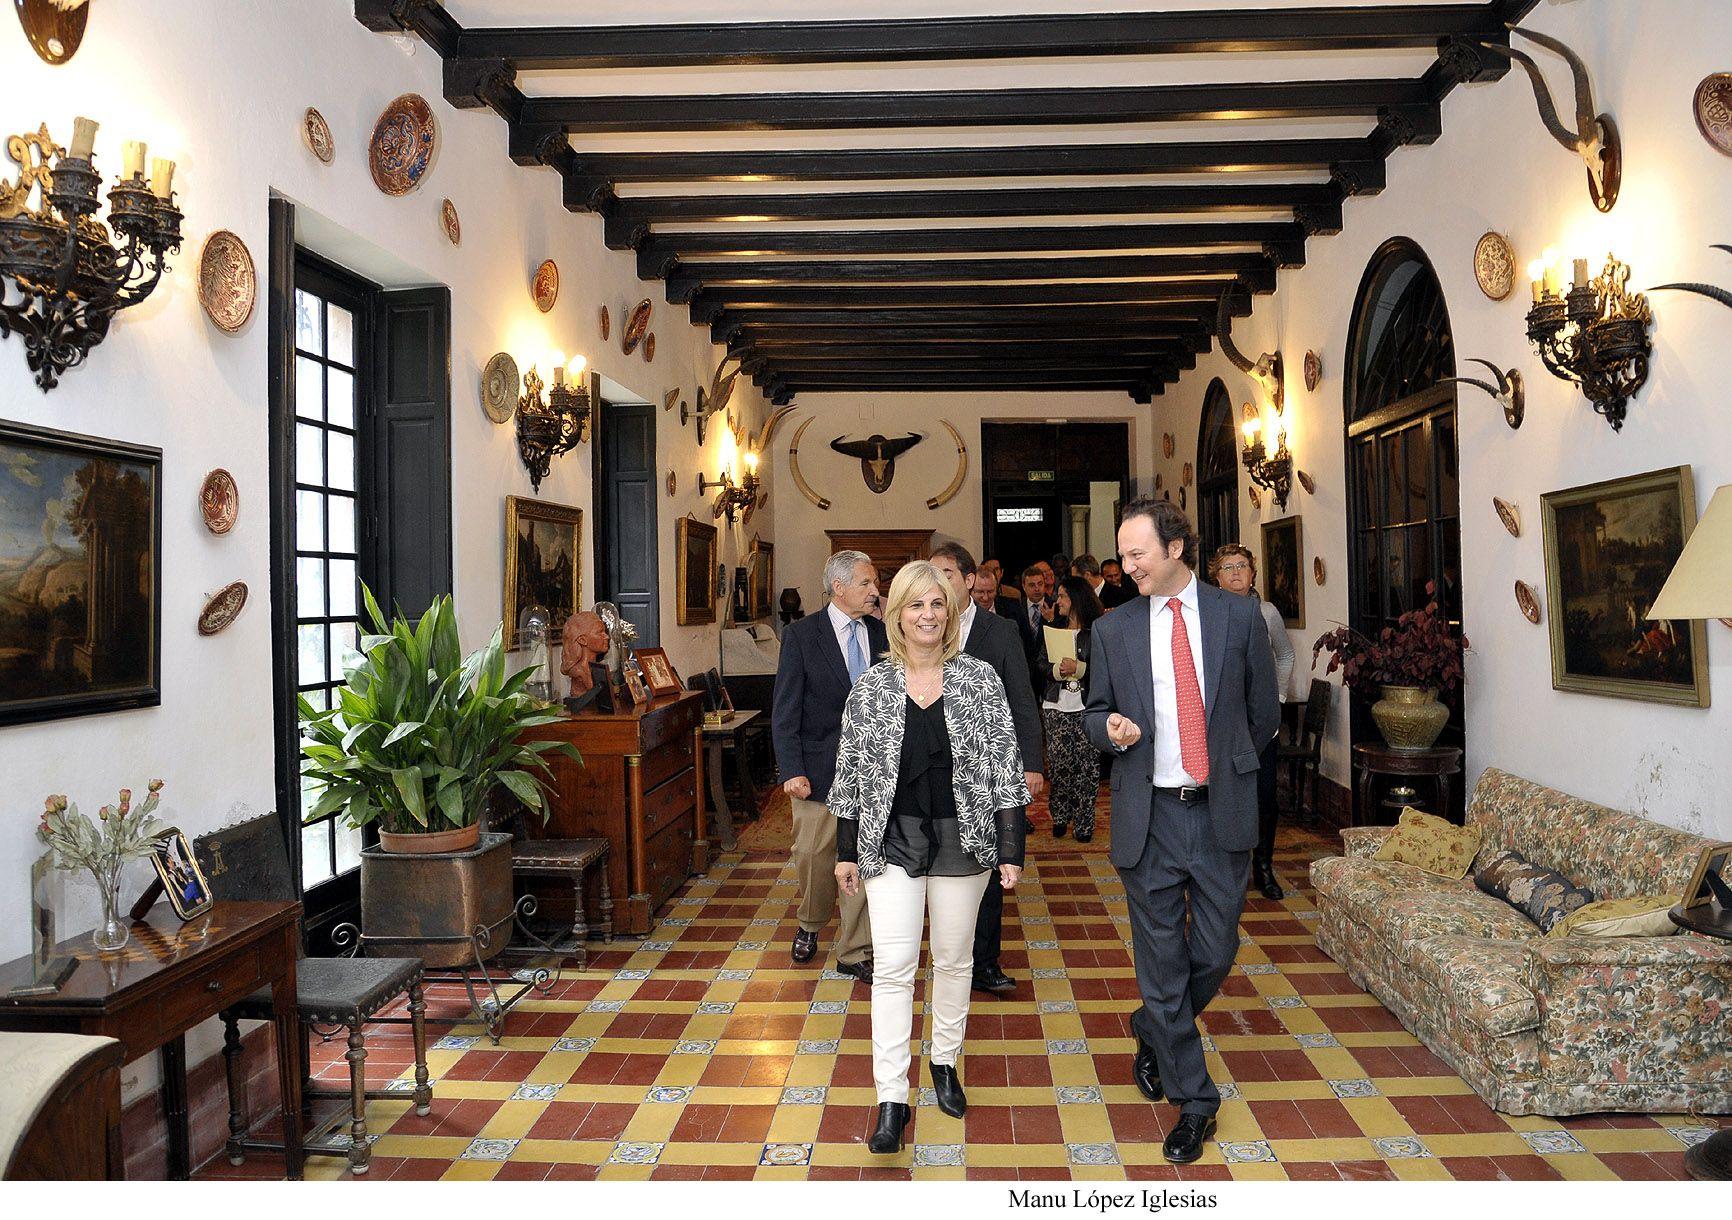 El empleo en la industria turística de Jerez creció un 6,4% en 2014  Mira Jerez